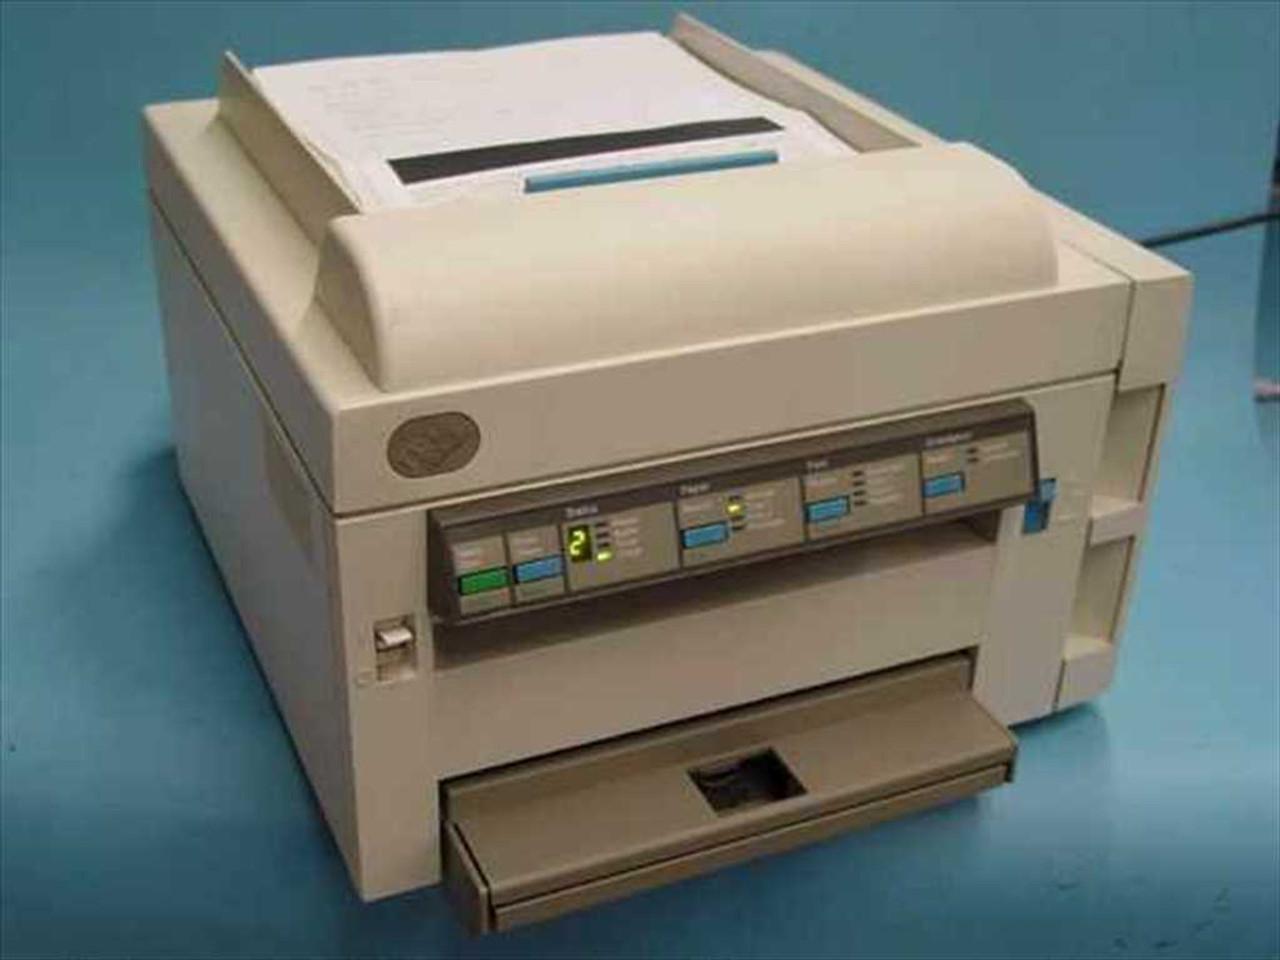 IBM 4019-001 Laser 5E by Lexmark ...